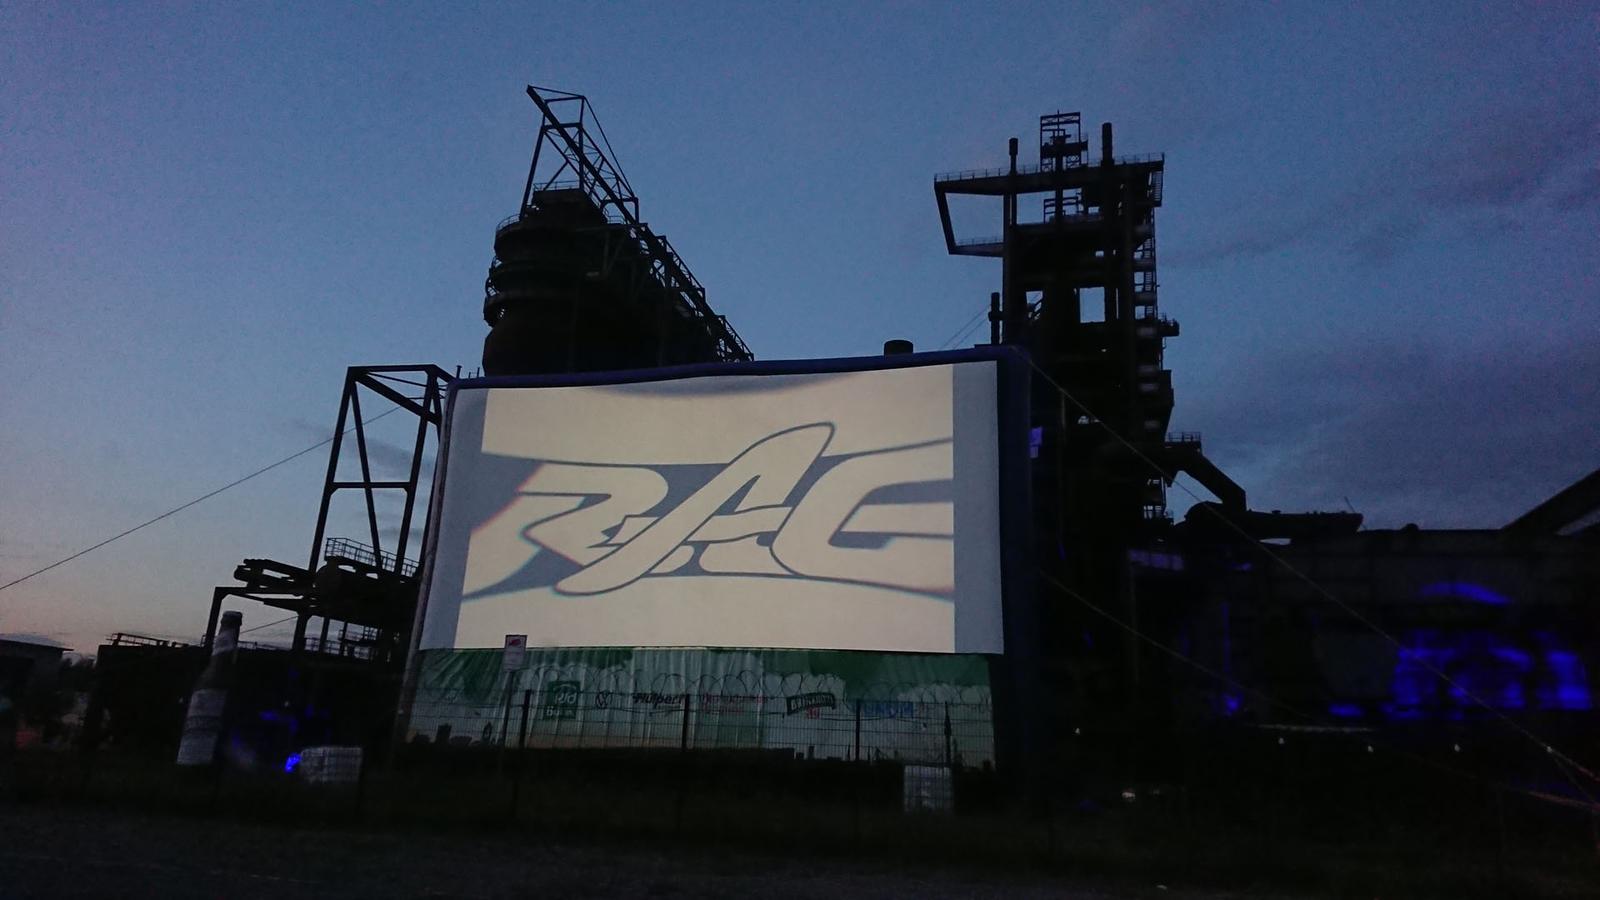 rag screening